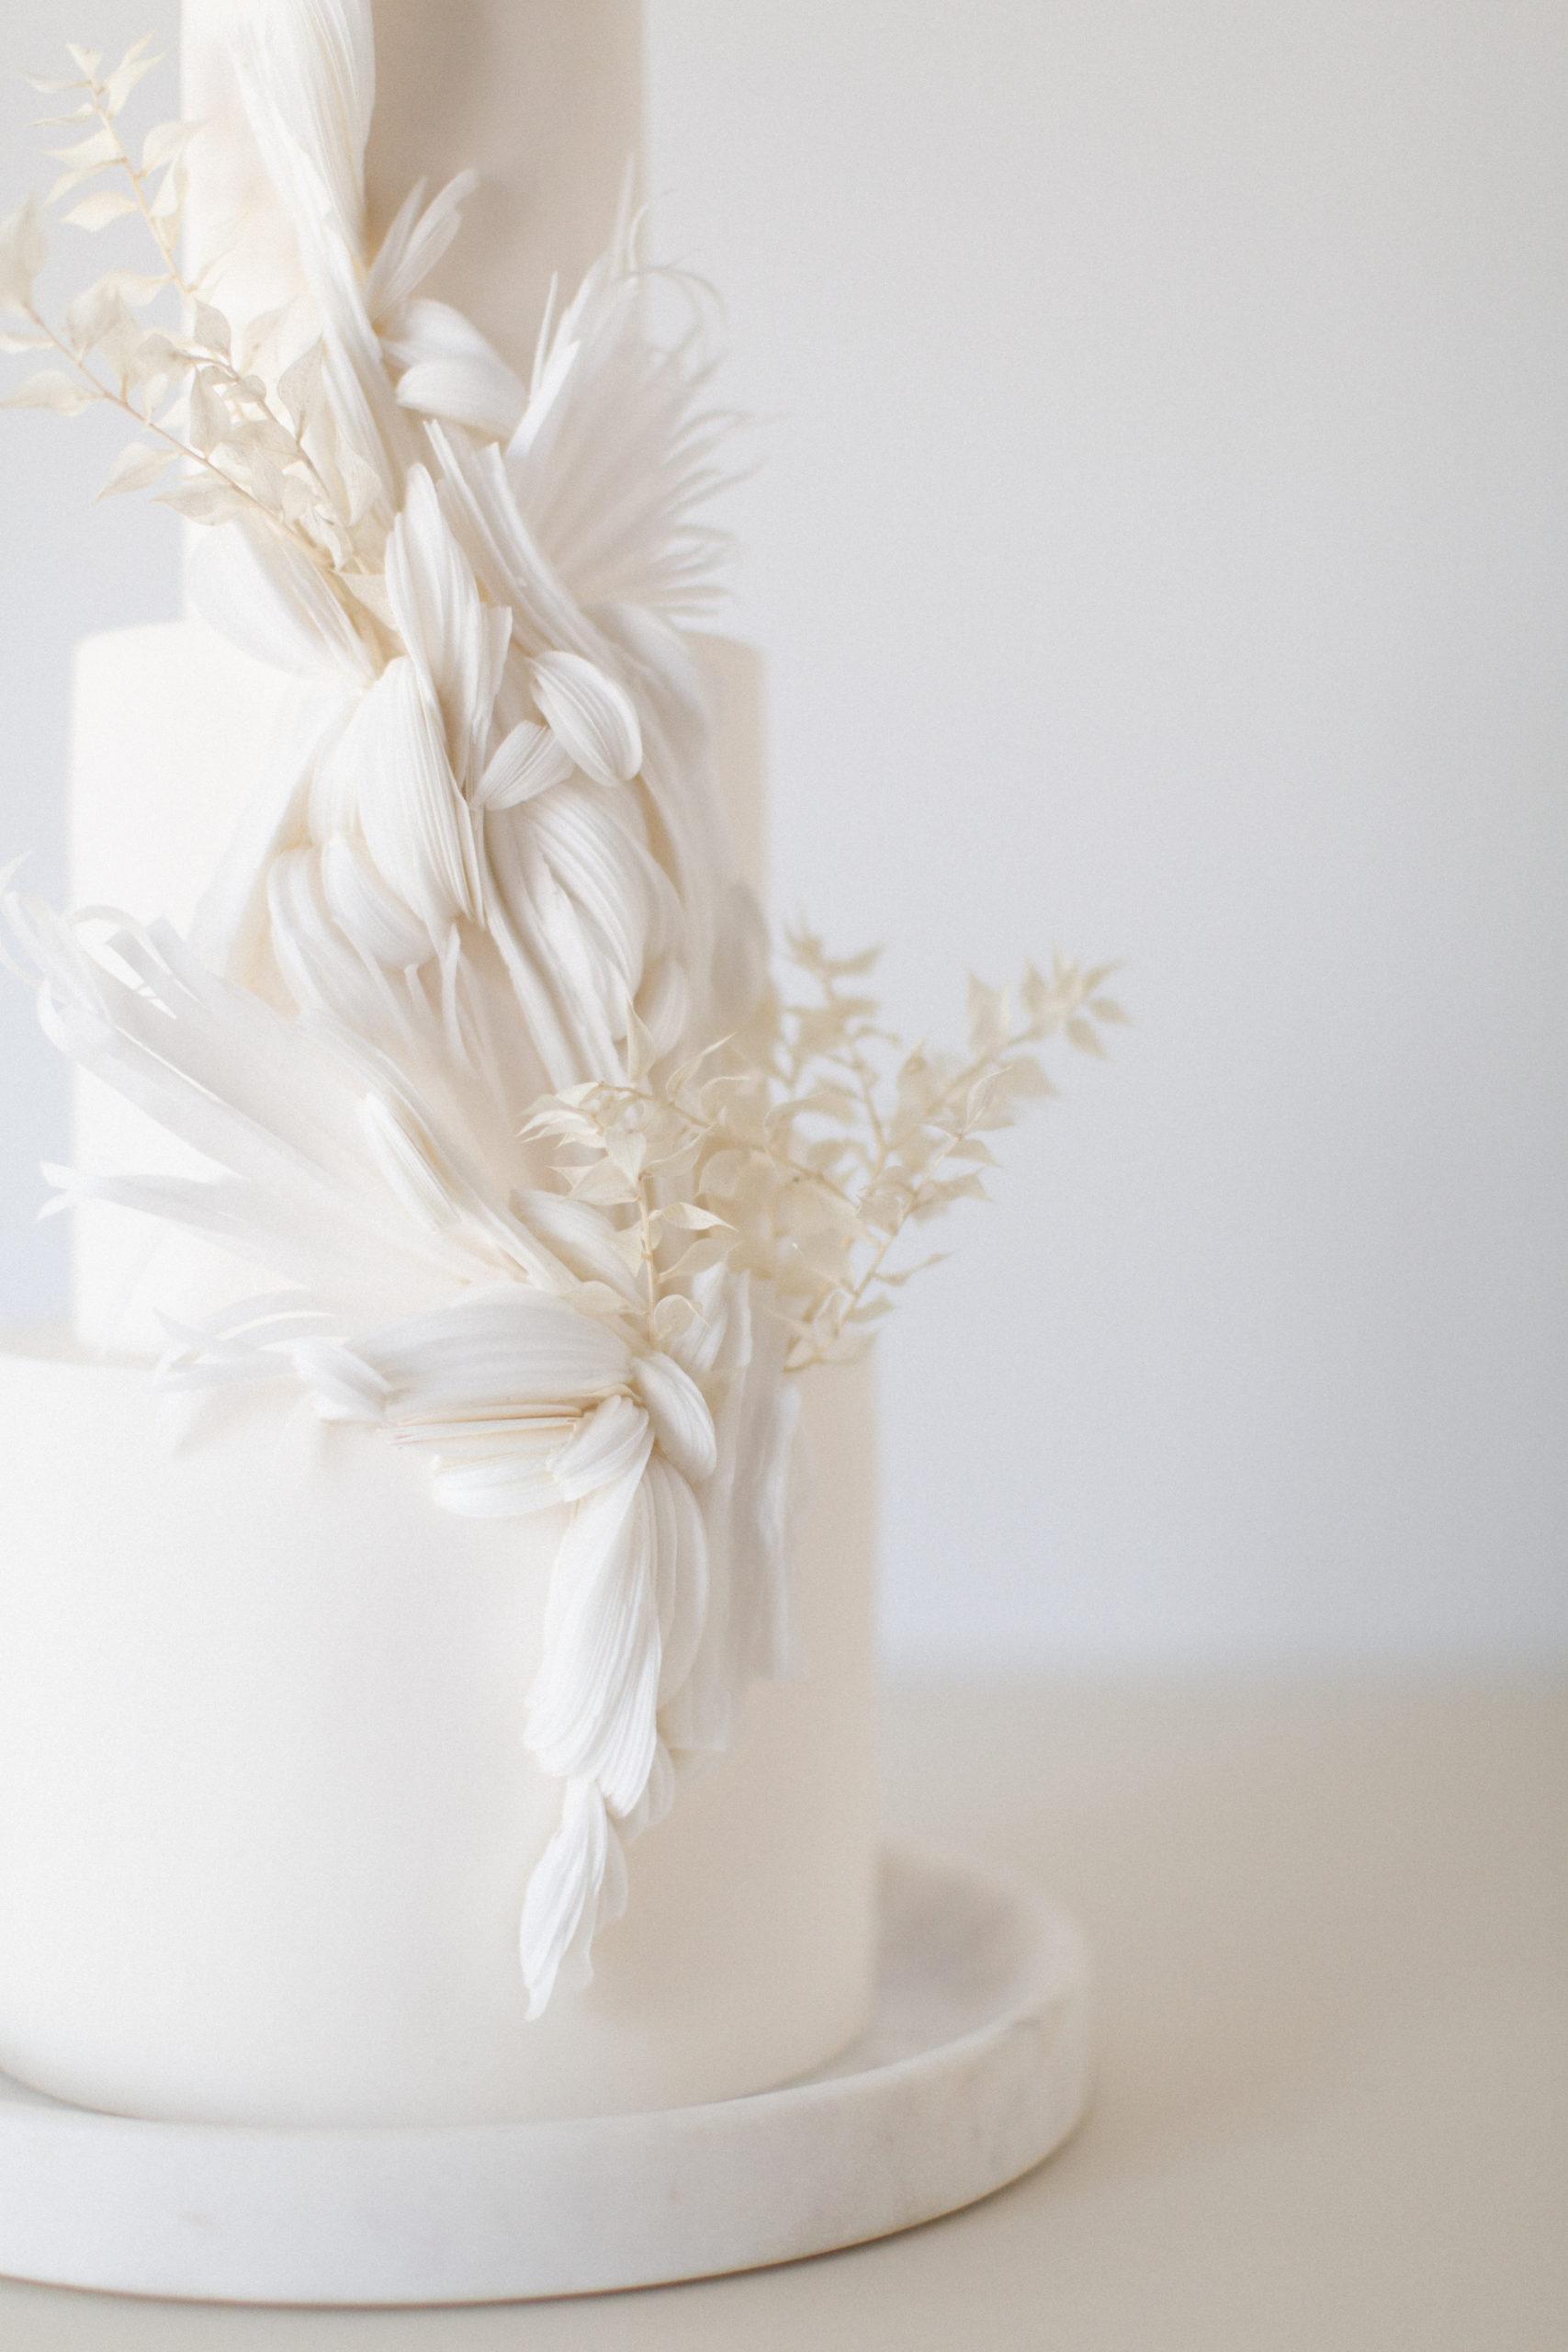 ขั้นตอนจัดงานแต่งงาน wedding planning process จัดงานแต่งงาน กรุงเทพ เวดดิ้งแพลนเนอร์ สถานที่จัดงาน wedding planner bangkok thailand